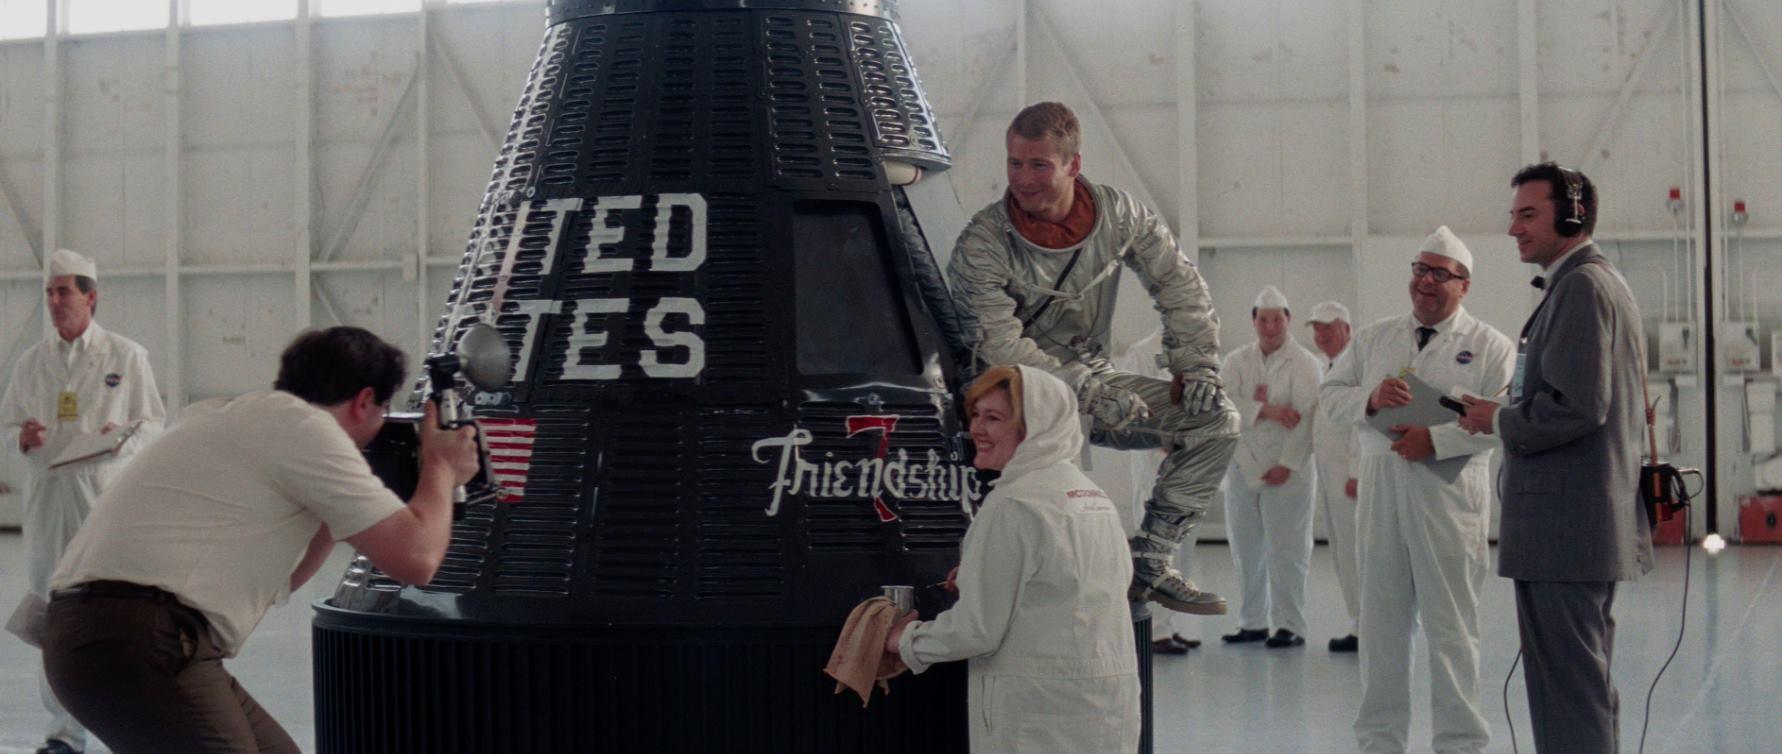 Filmkritik Hidden Figures: Verneigung vor den Computern in Röcken - John Glenn (Glen Powell) posiert mit der Friendship-7-Raumkapsel. (Bild: 20th Century Fox)